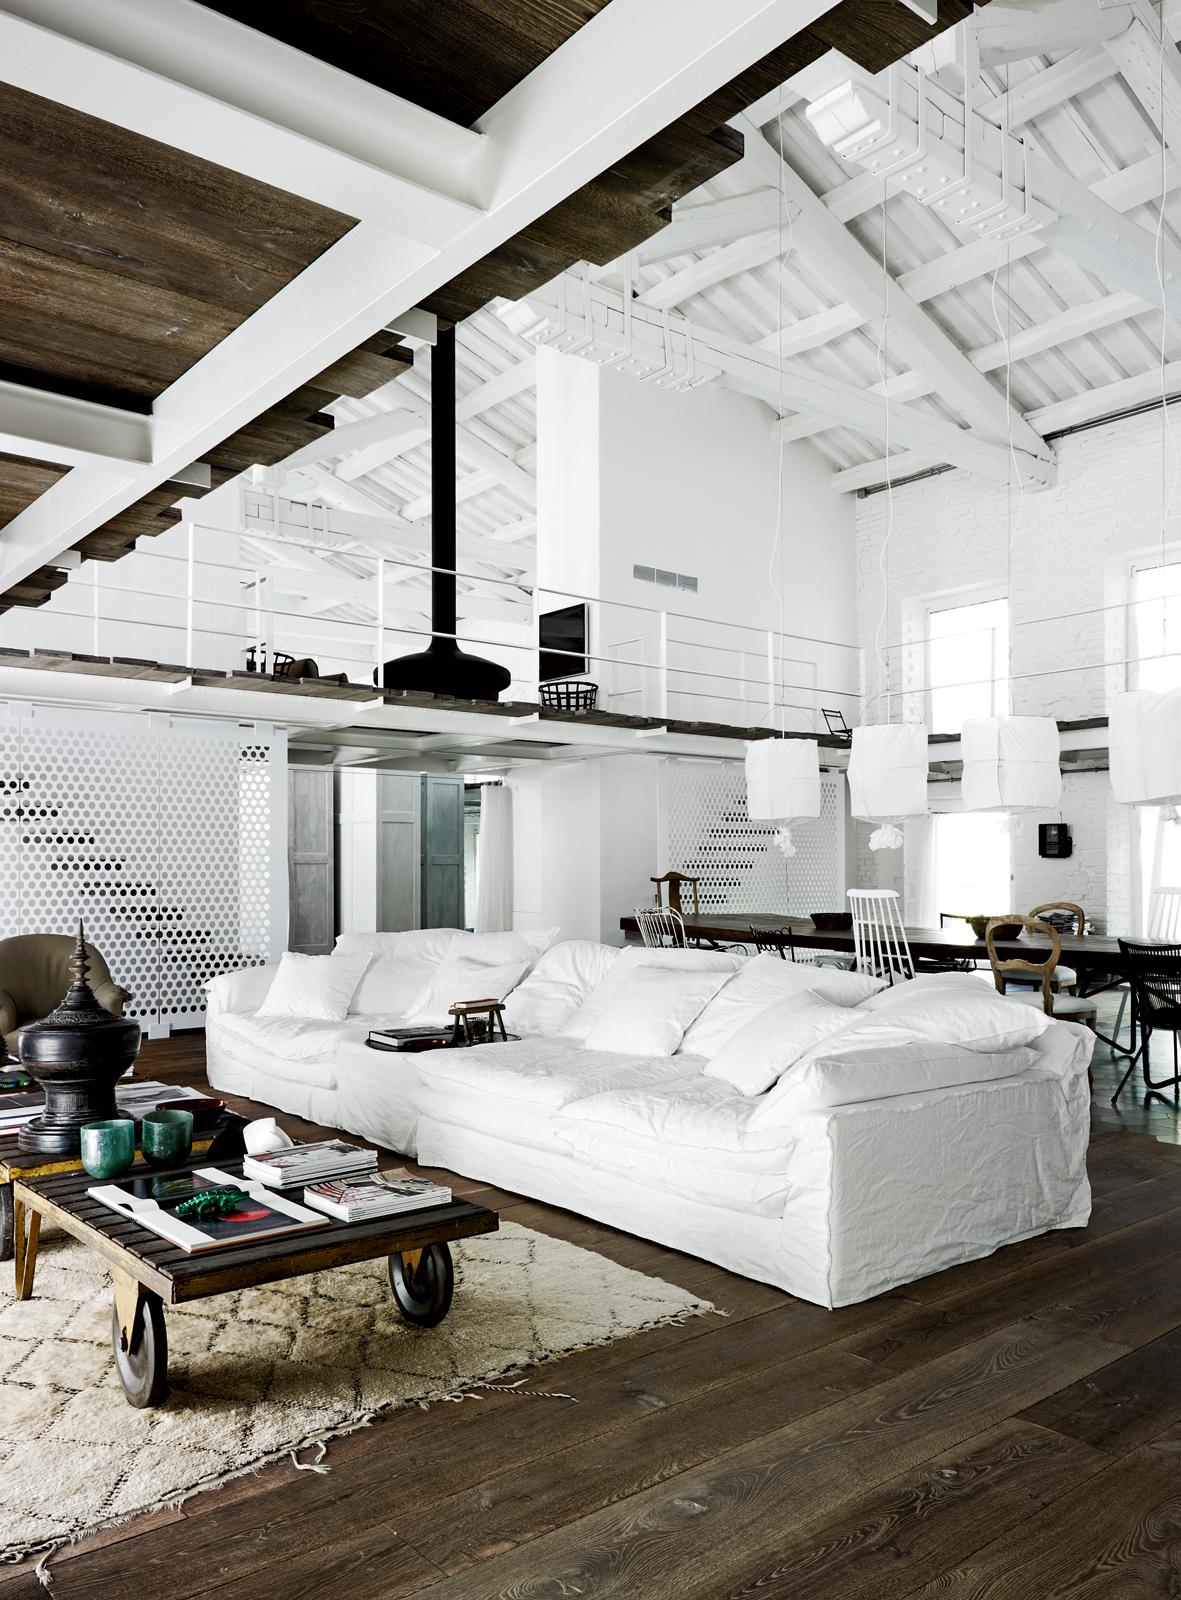 White sofa in loft apartment.